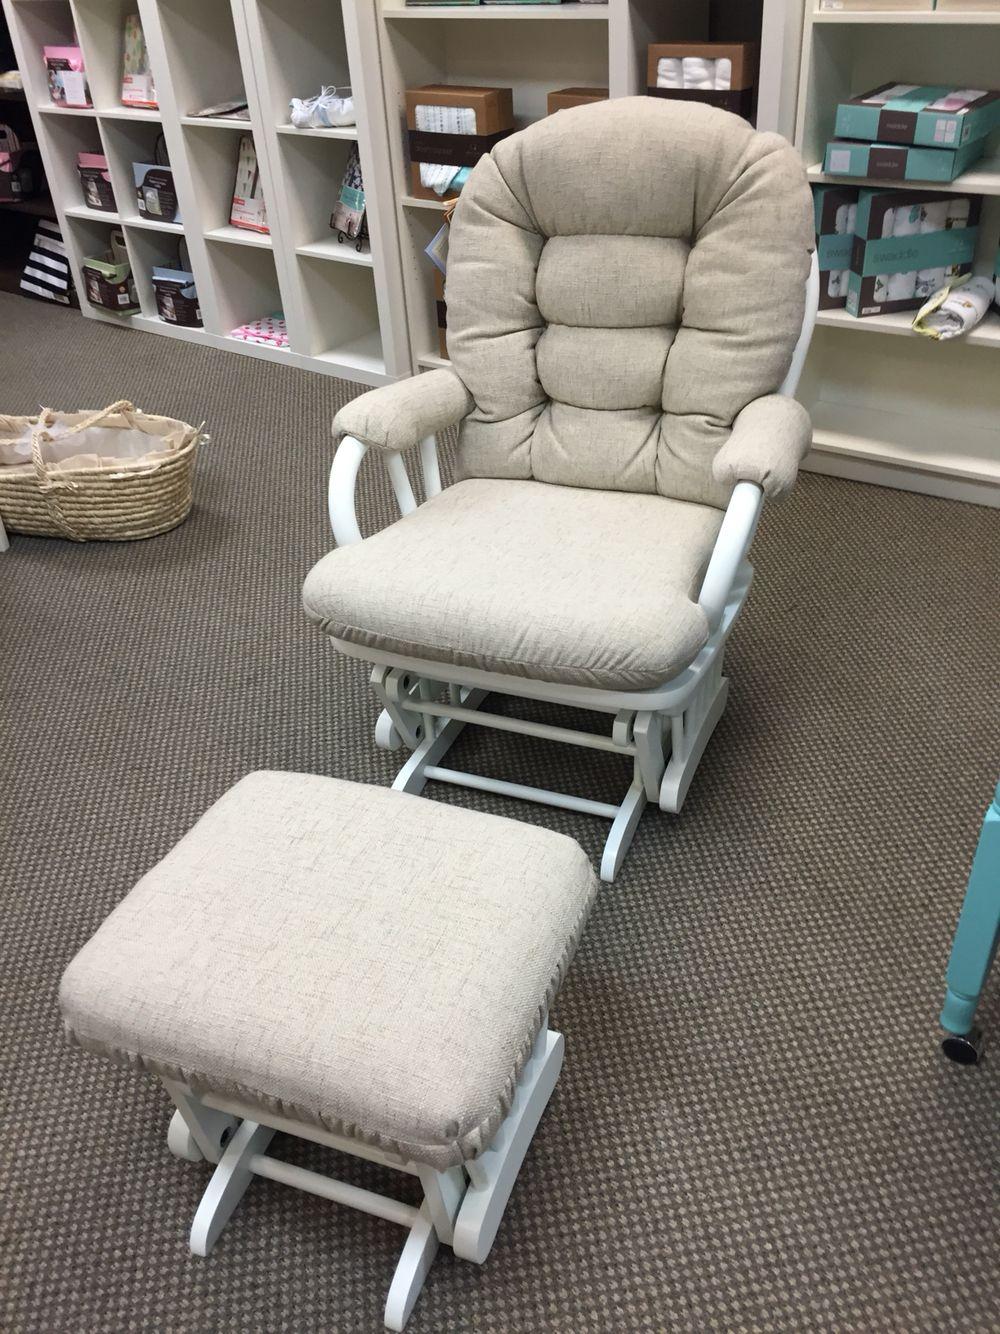 Best Chairs Sona Glider Rocker Ottoman In Natural 28229